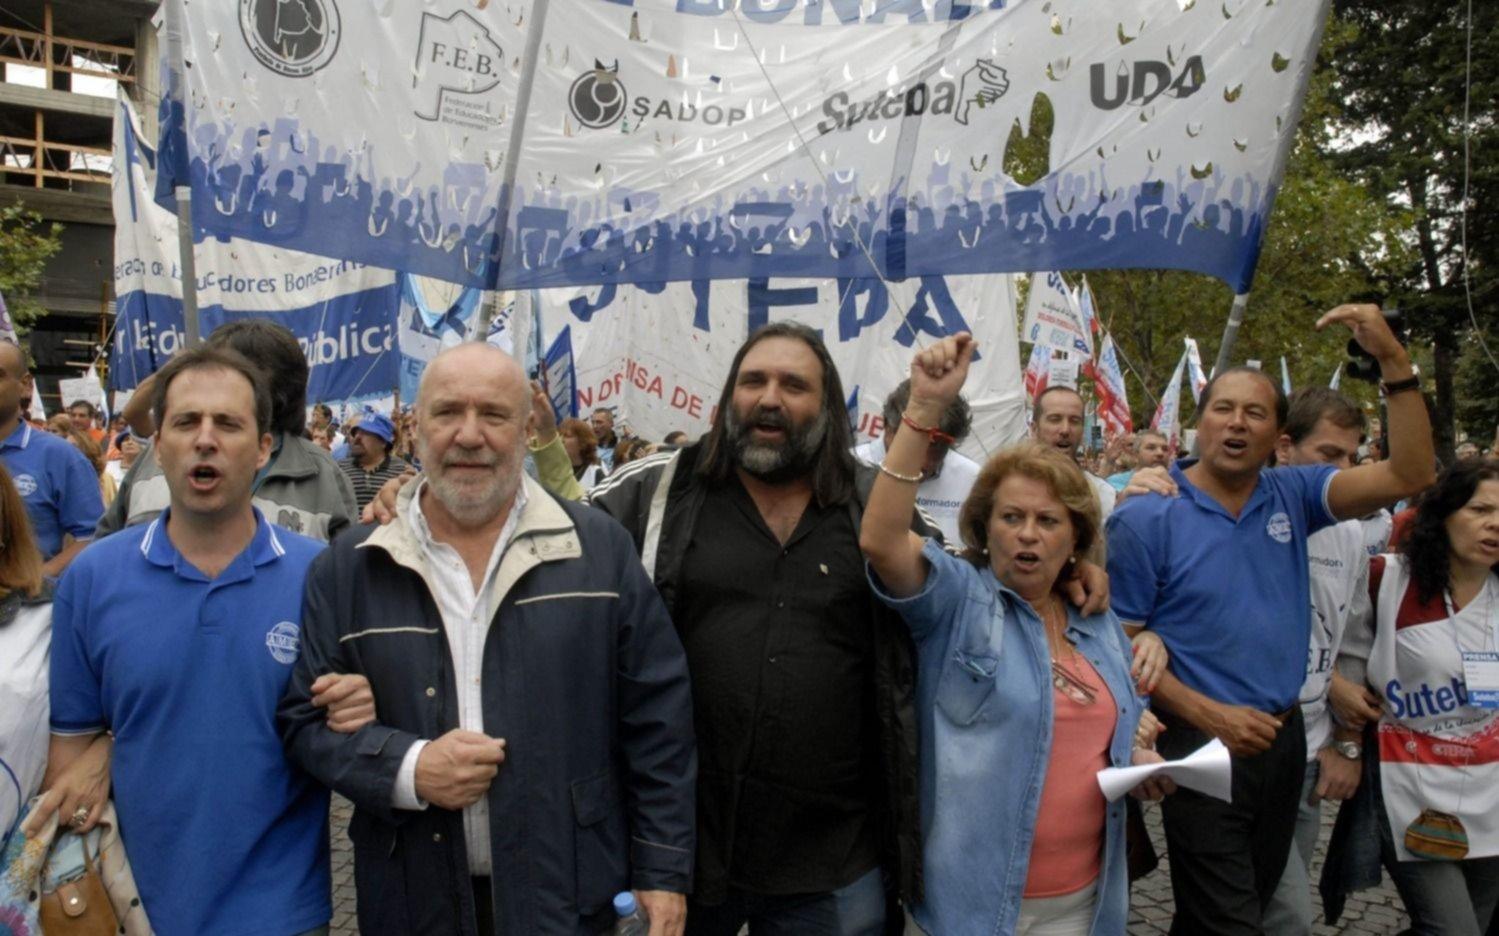 Huelga de 36 horas afectará servicios este lunes en Córdoba